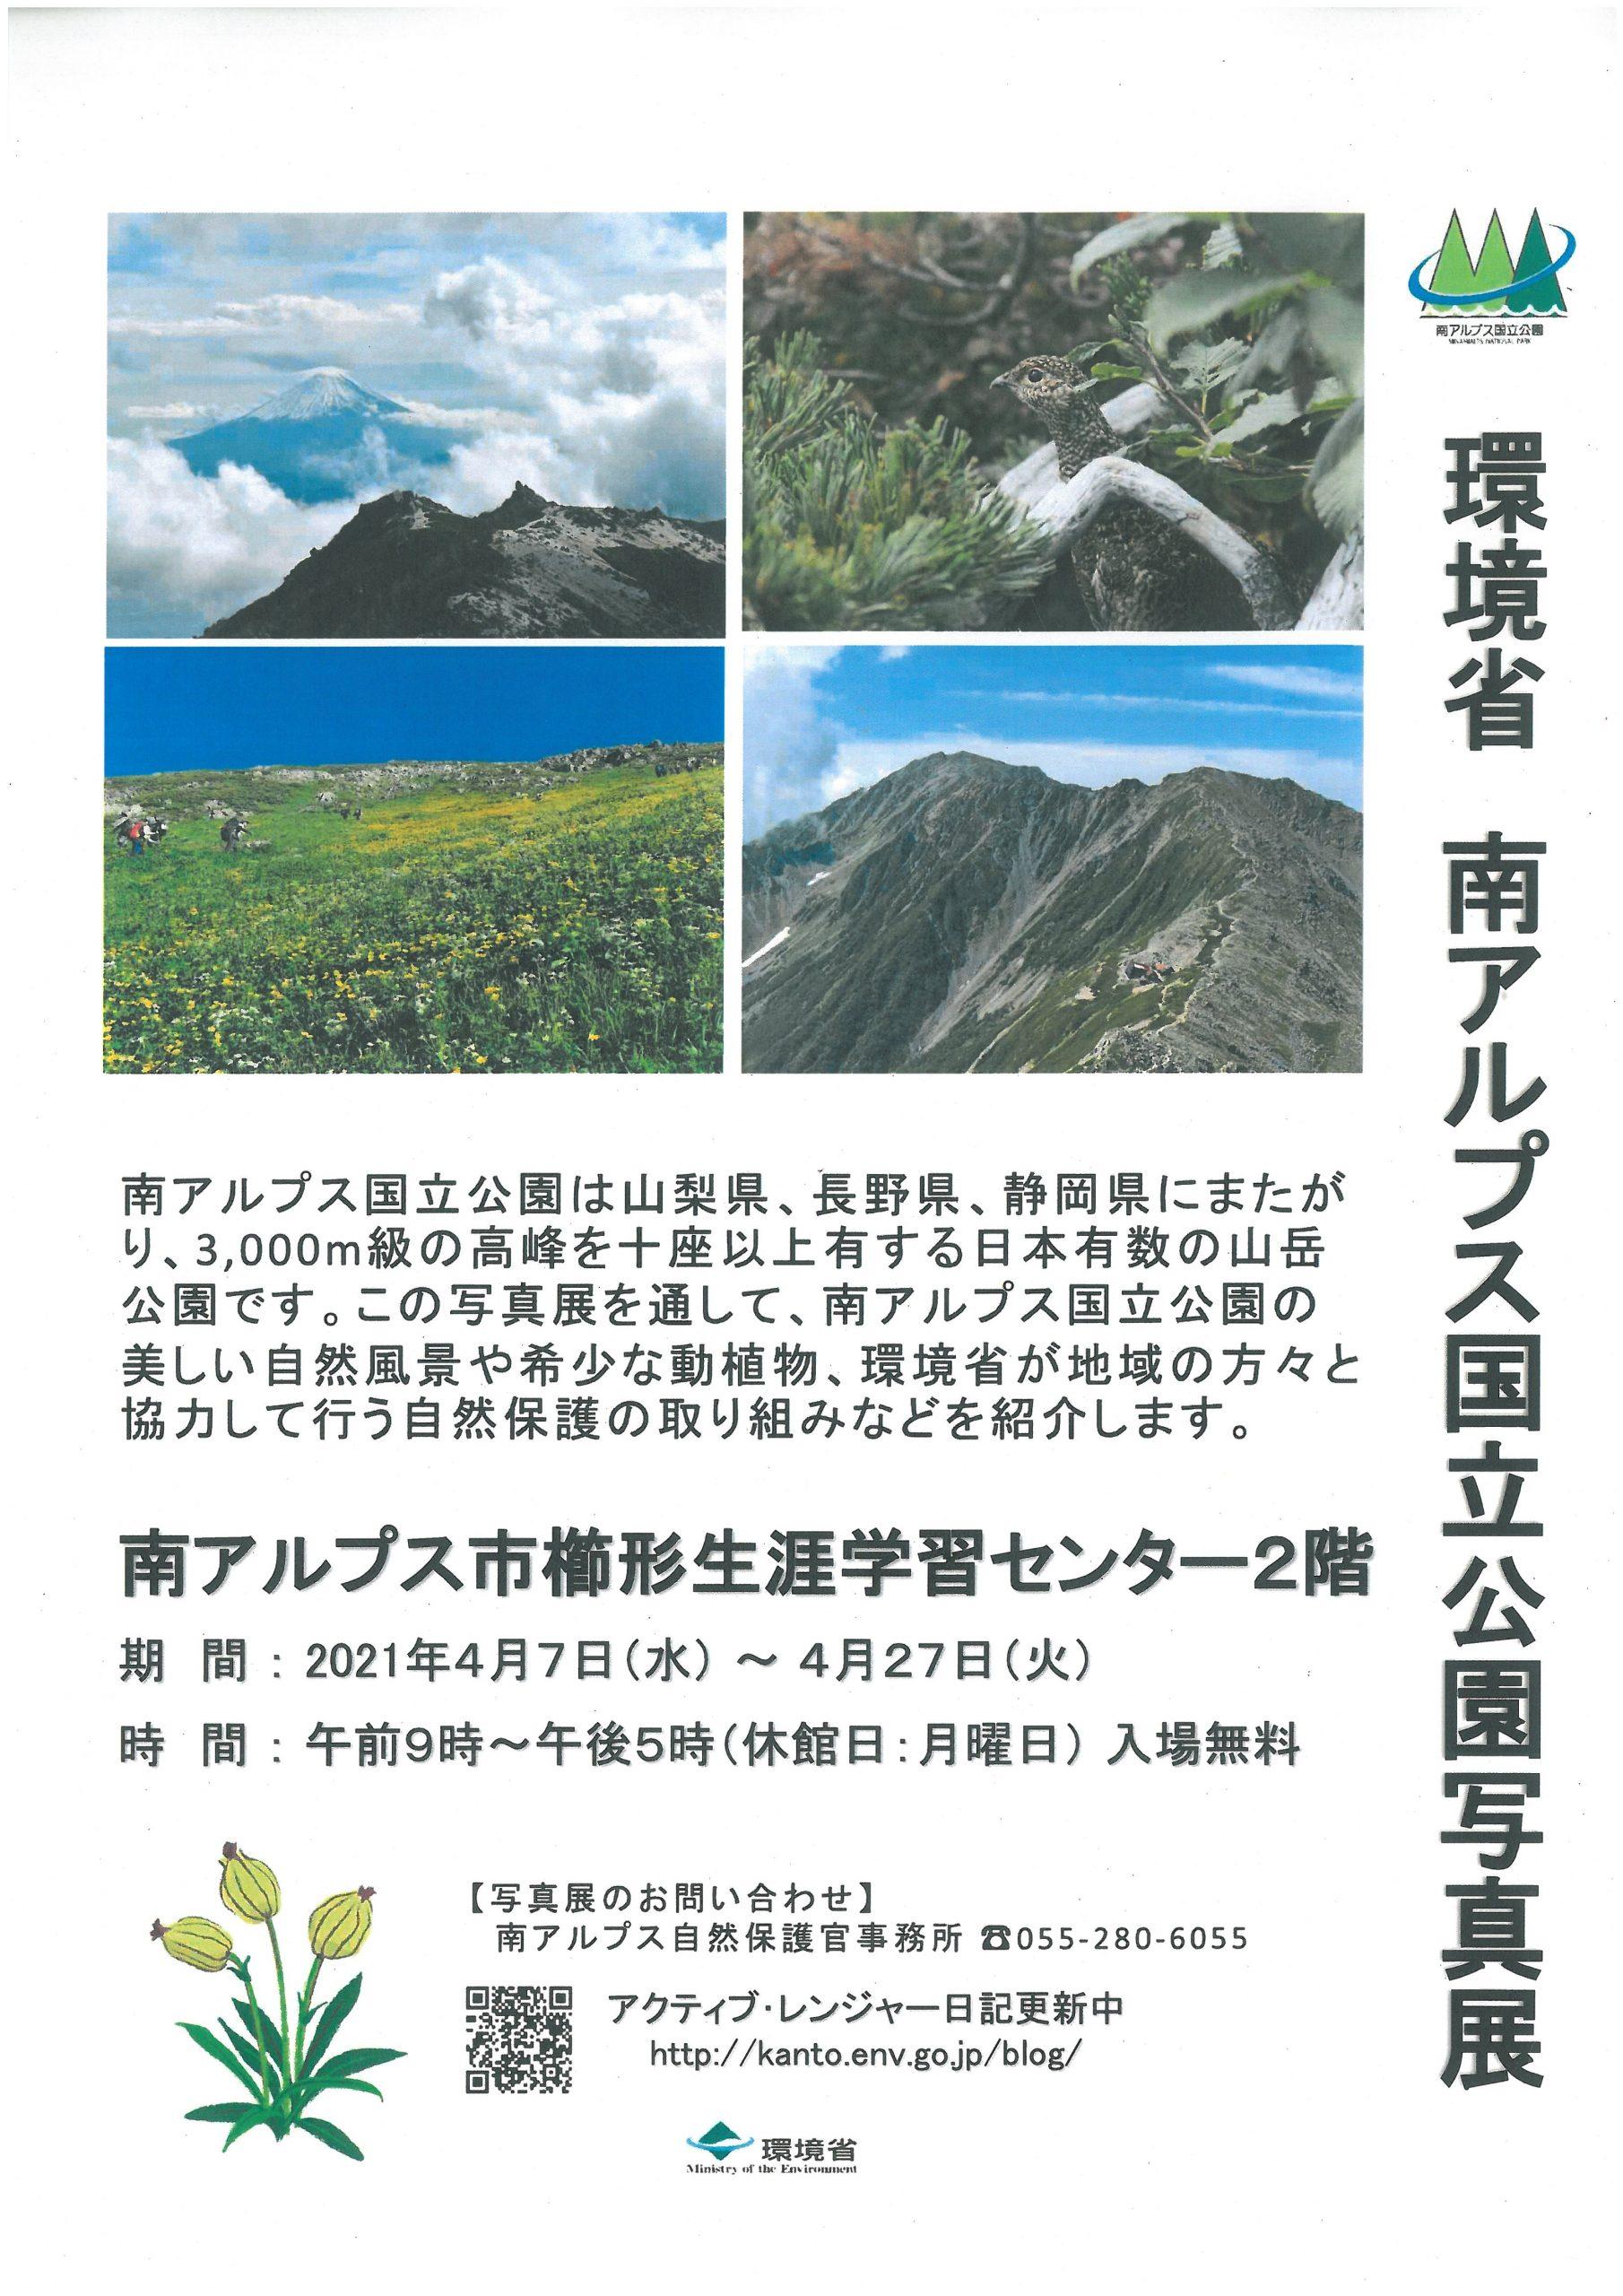 【環境省 南アルプス国立公園写真展・開催中!】